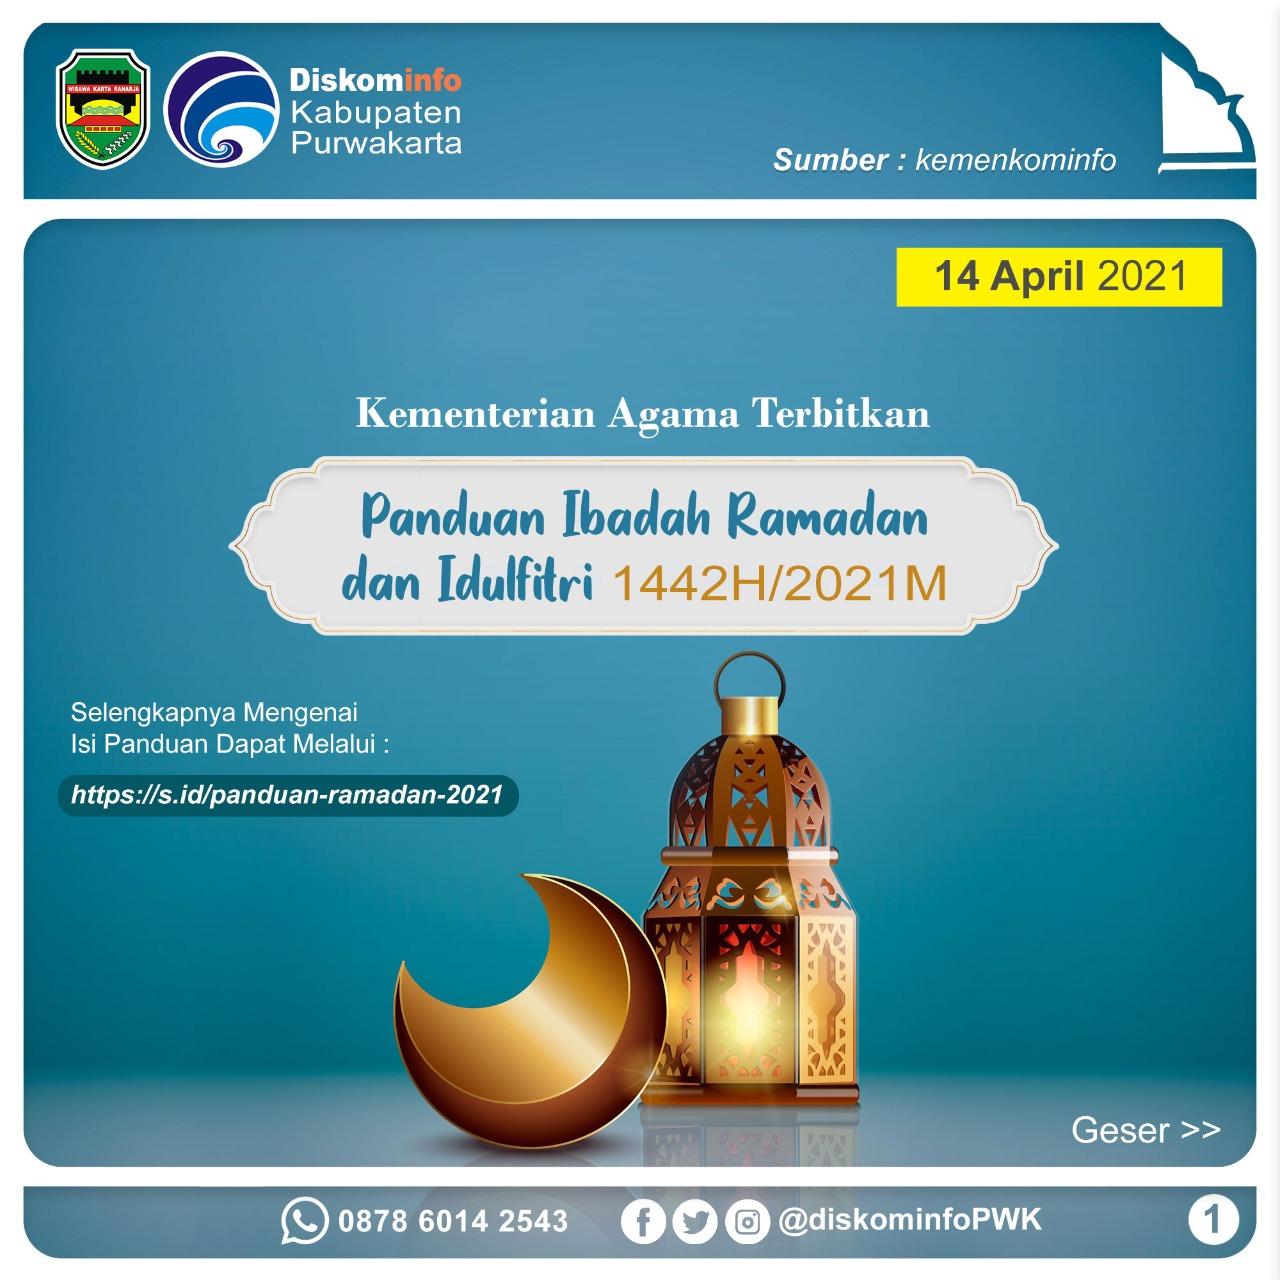 Panduan Ibadah Ramadan dan Idulfitri 1442H/2021M